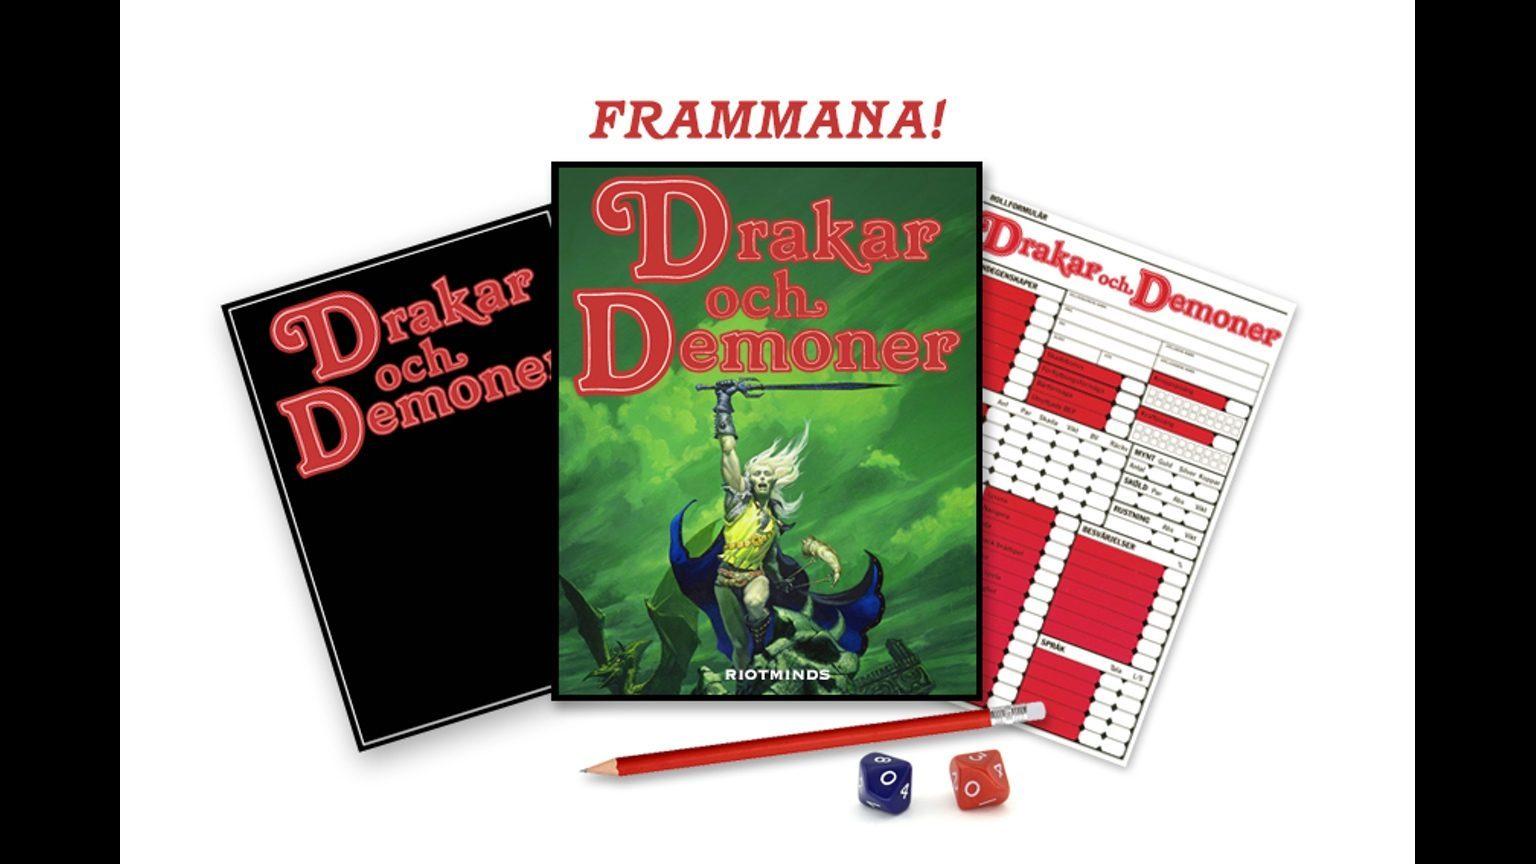 Drakar och Demoner Retro